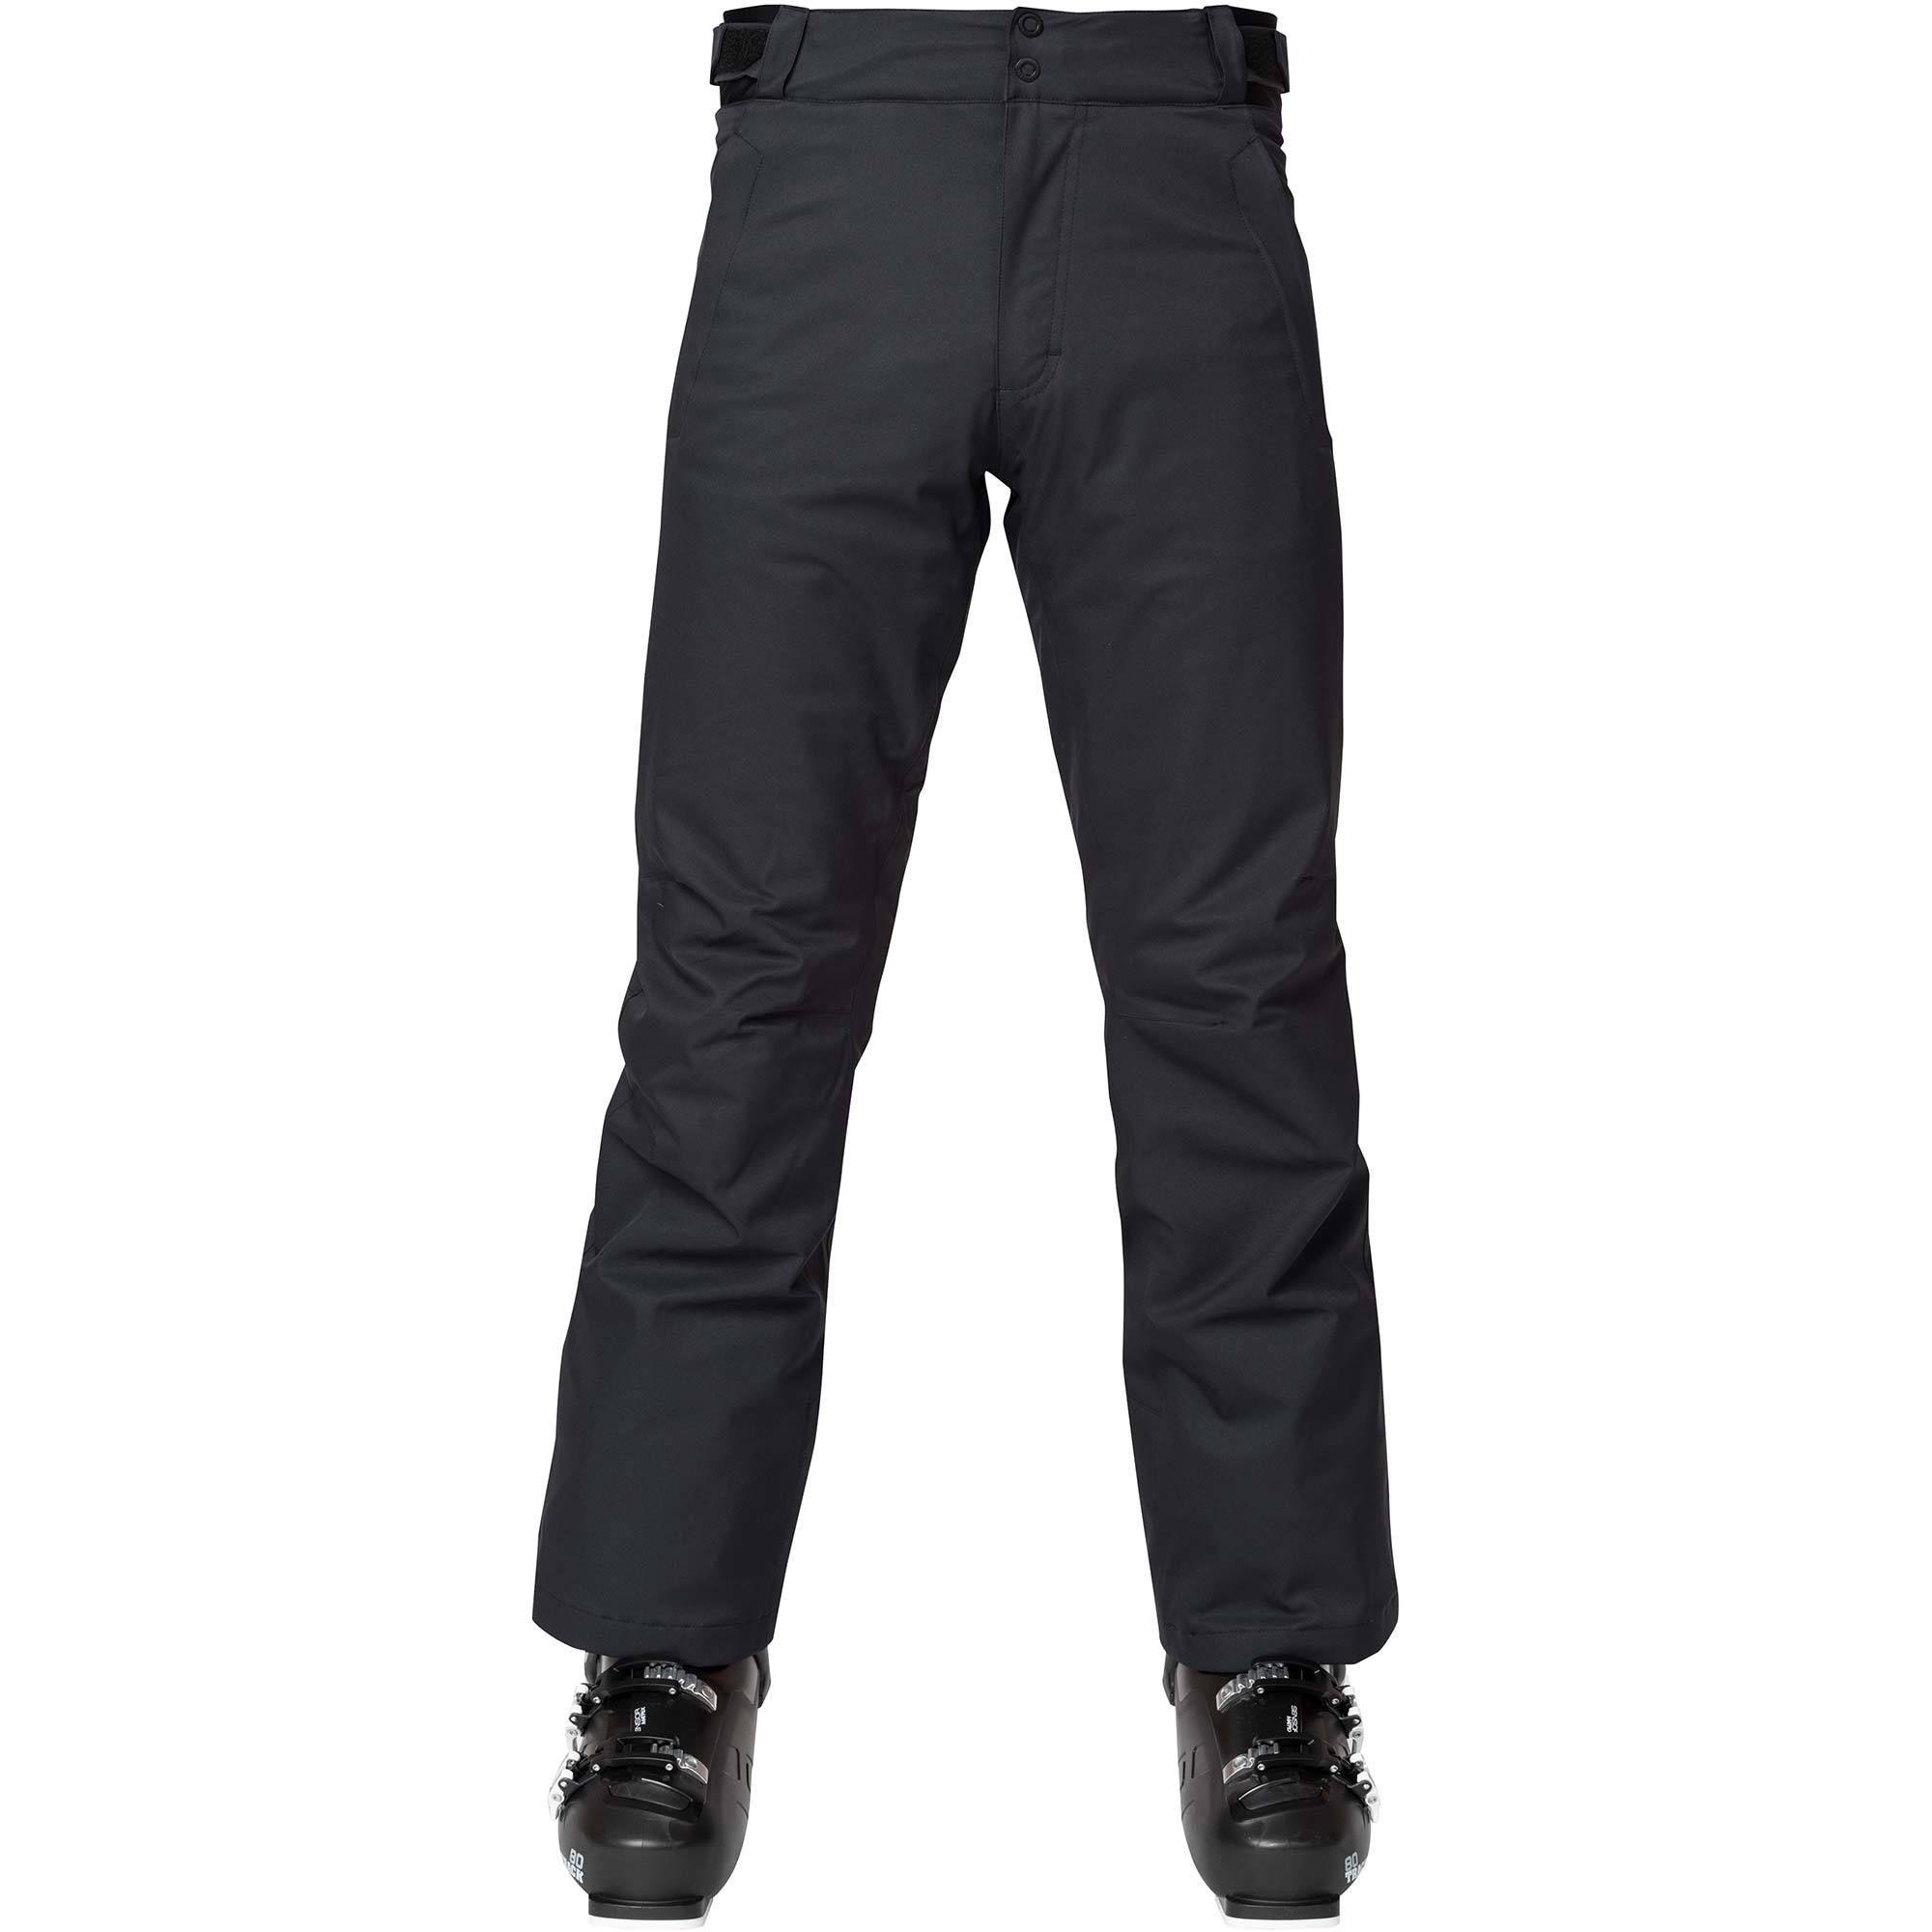 Rossignol nohavice Ski Pant black Velikost: M